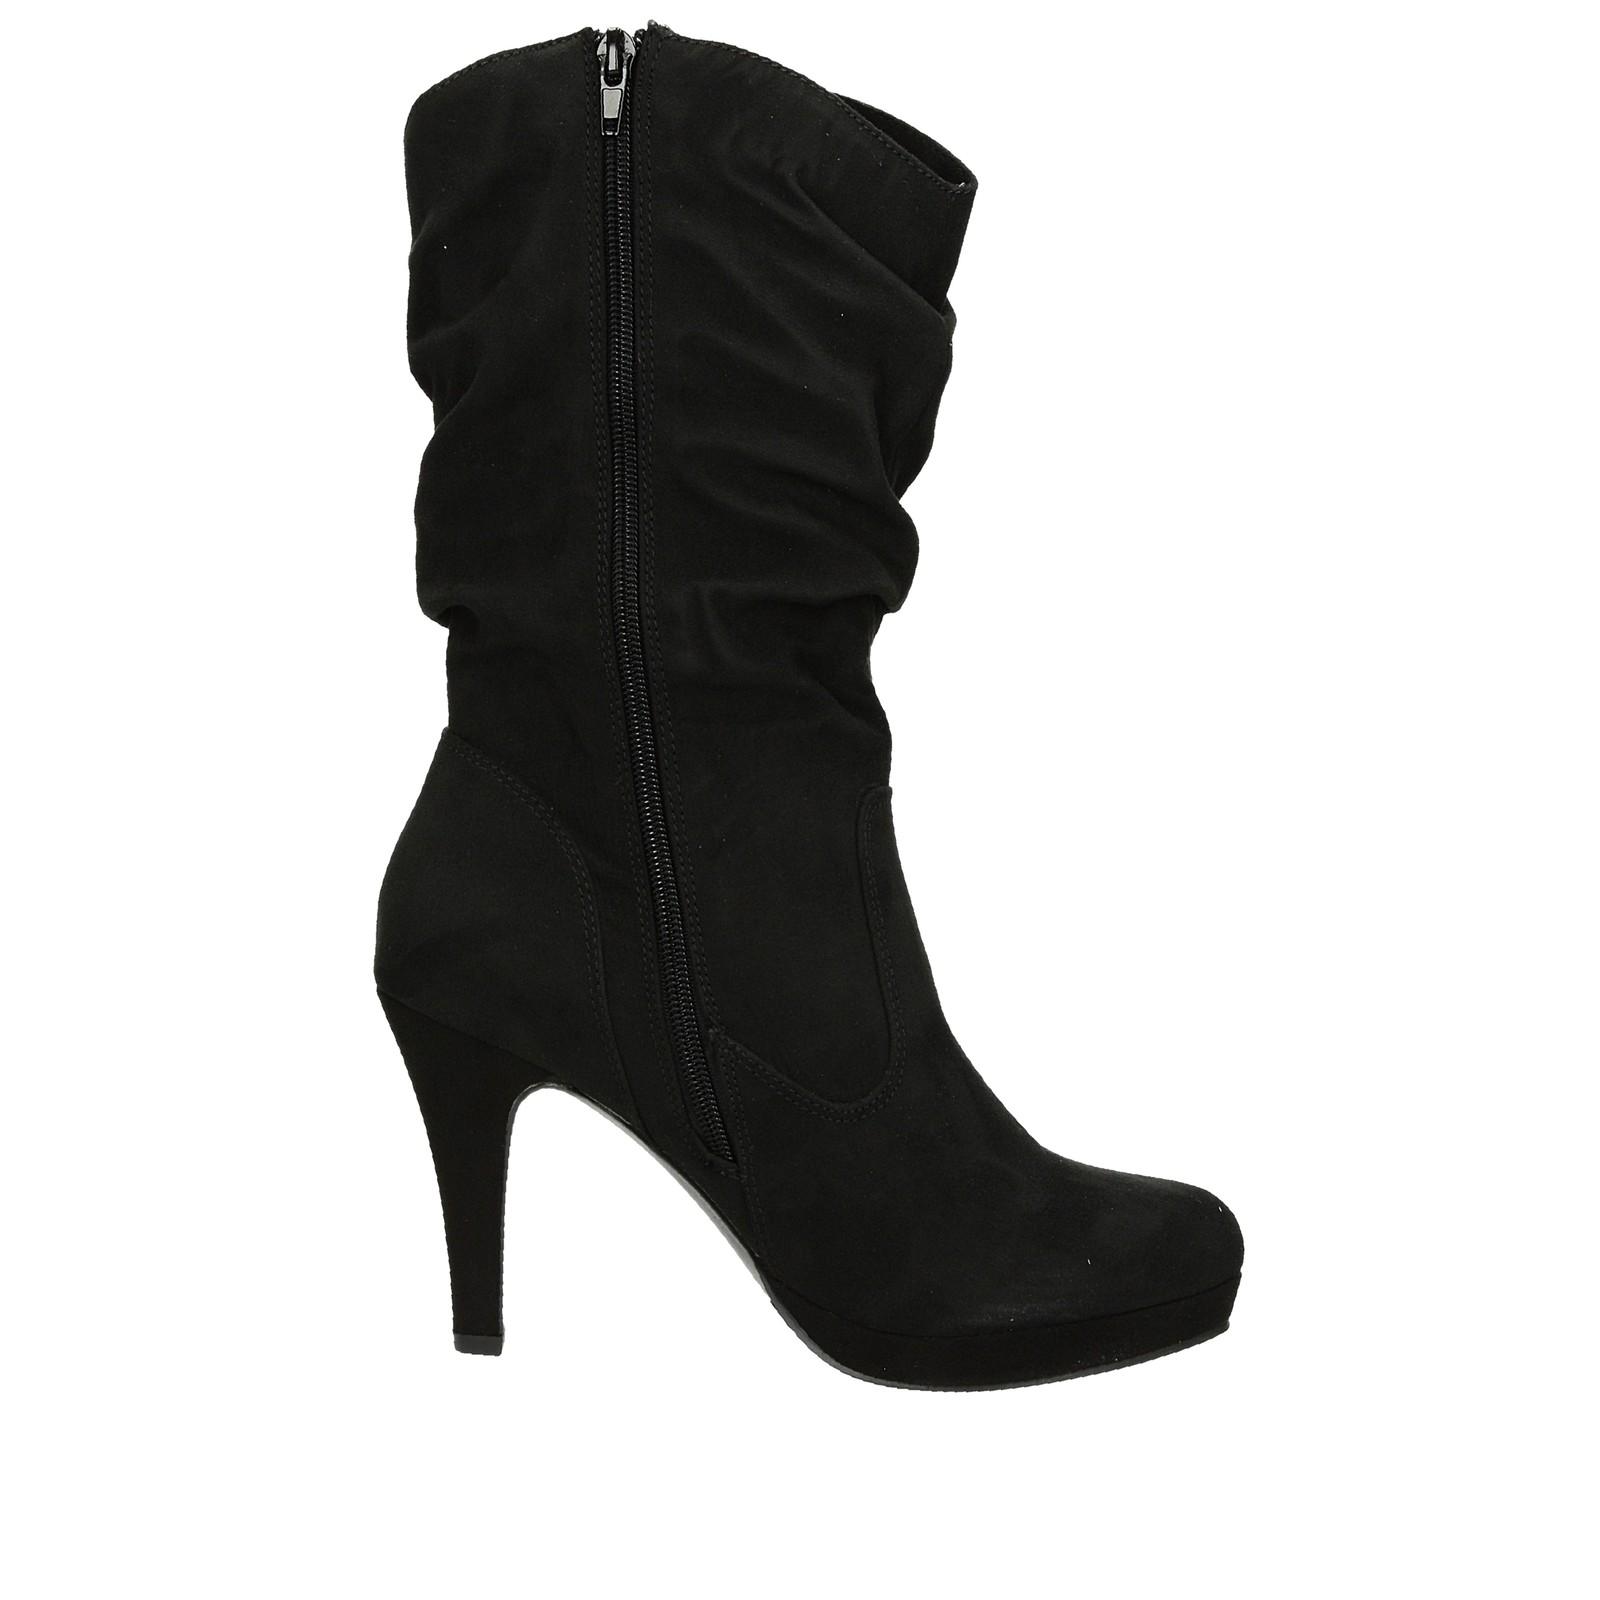 96fae12ecb76 ... Jane Klain dámske textilné čižmy na vysokom podpätku - čierne ...